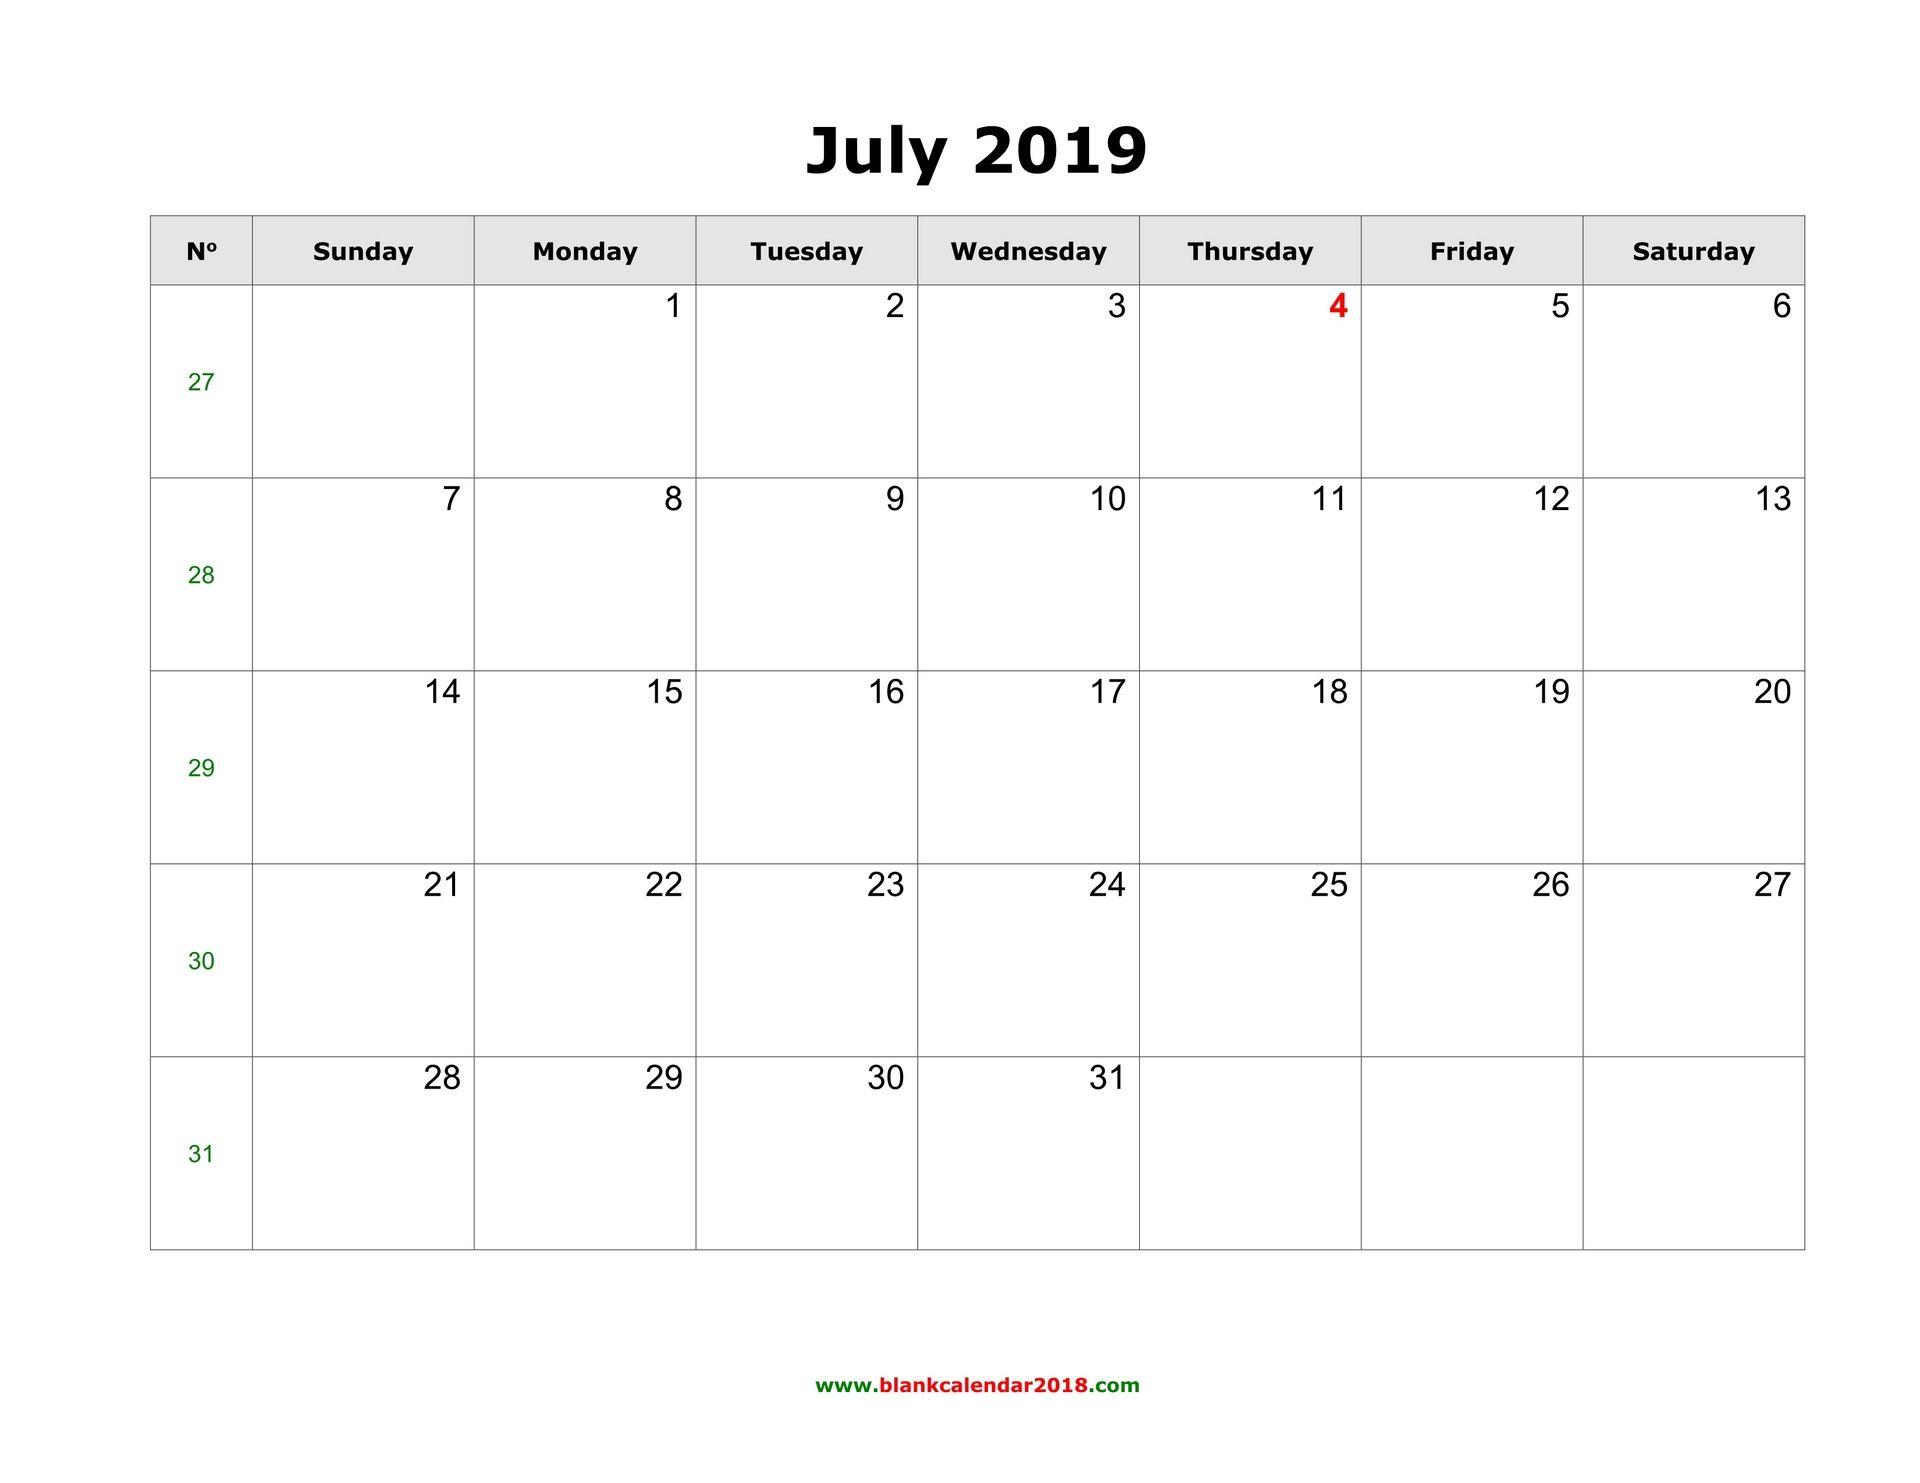 July 2019 Calendar Printable Template In Pdf Word Excel